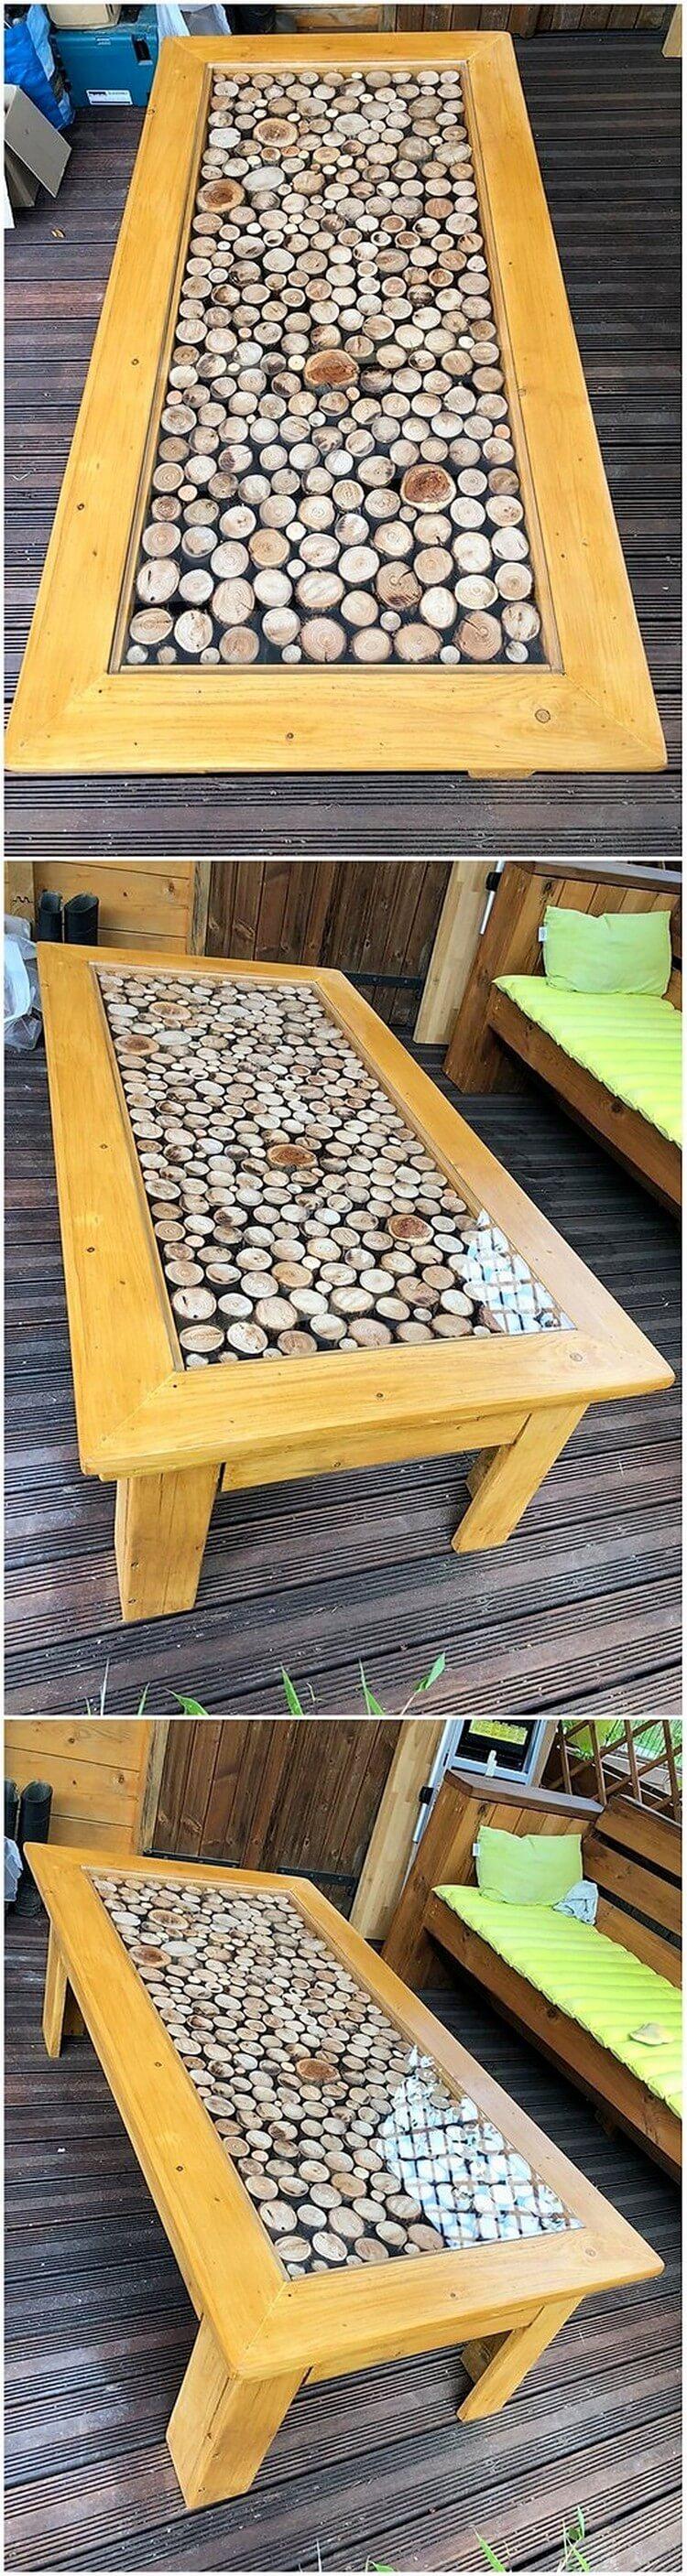 Unique Pallet Glass Top Table